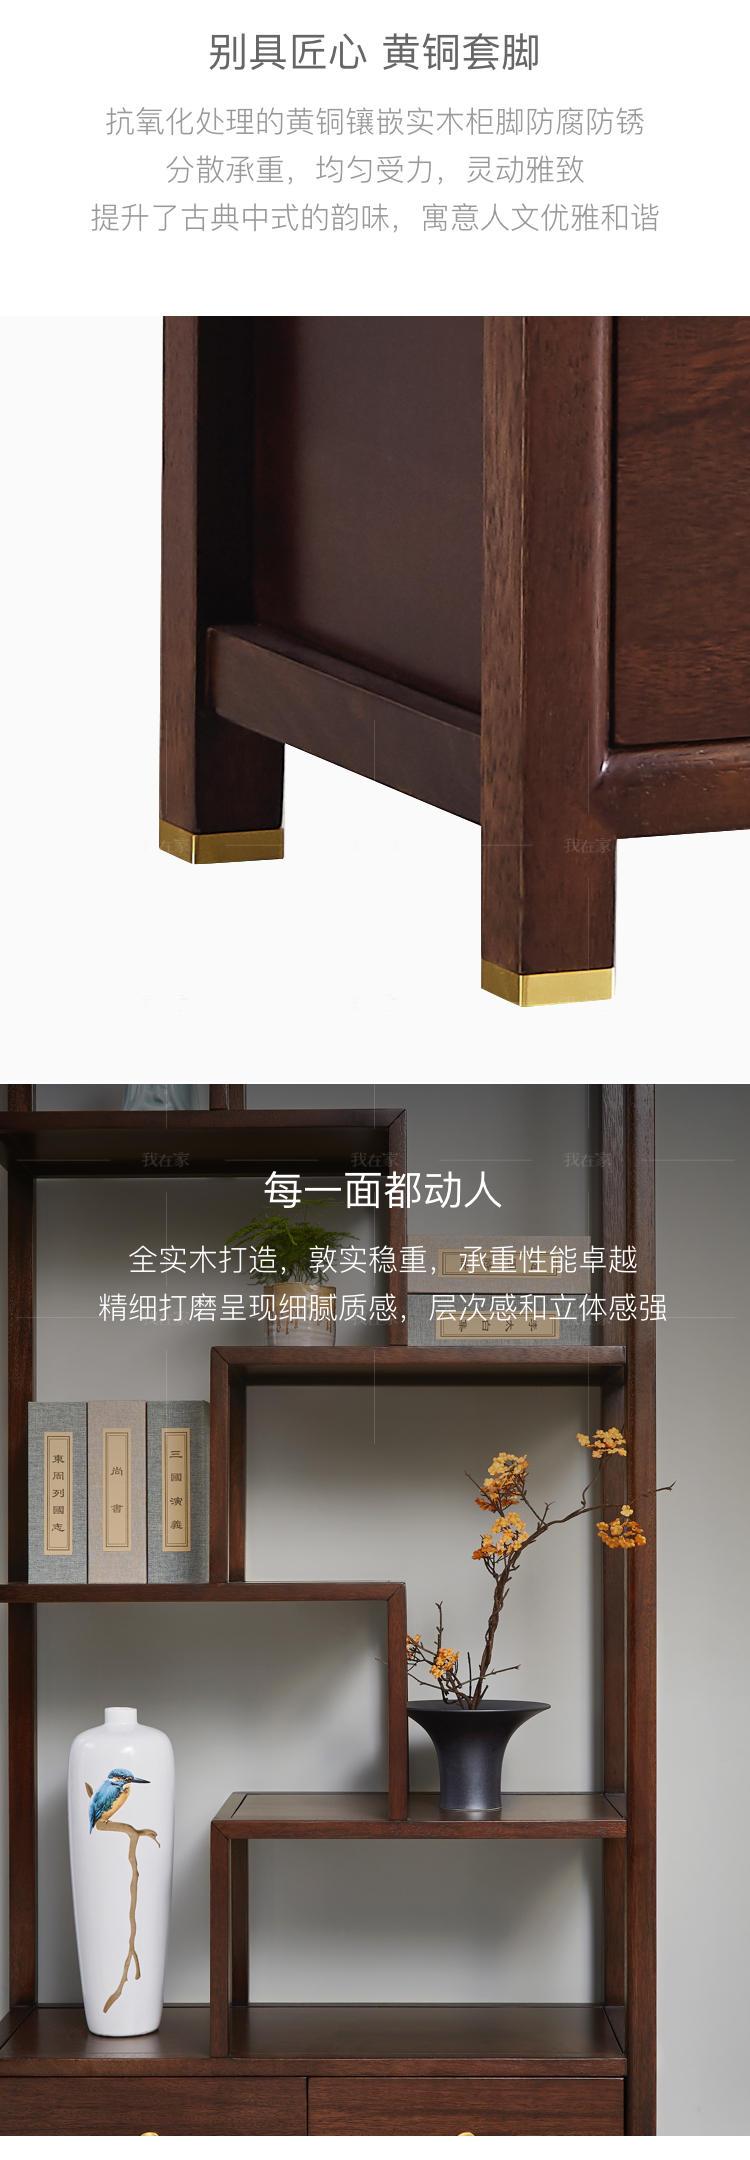 新中式风格悦意展示柜的家具详细介绍